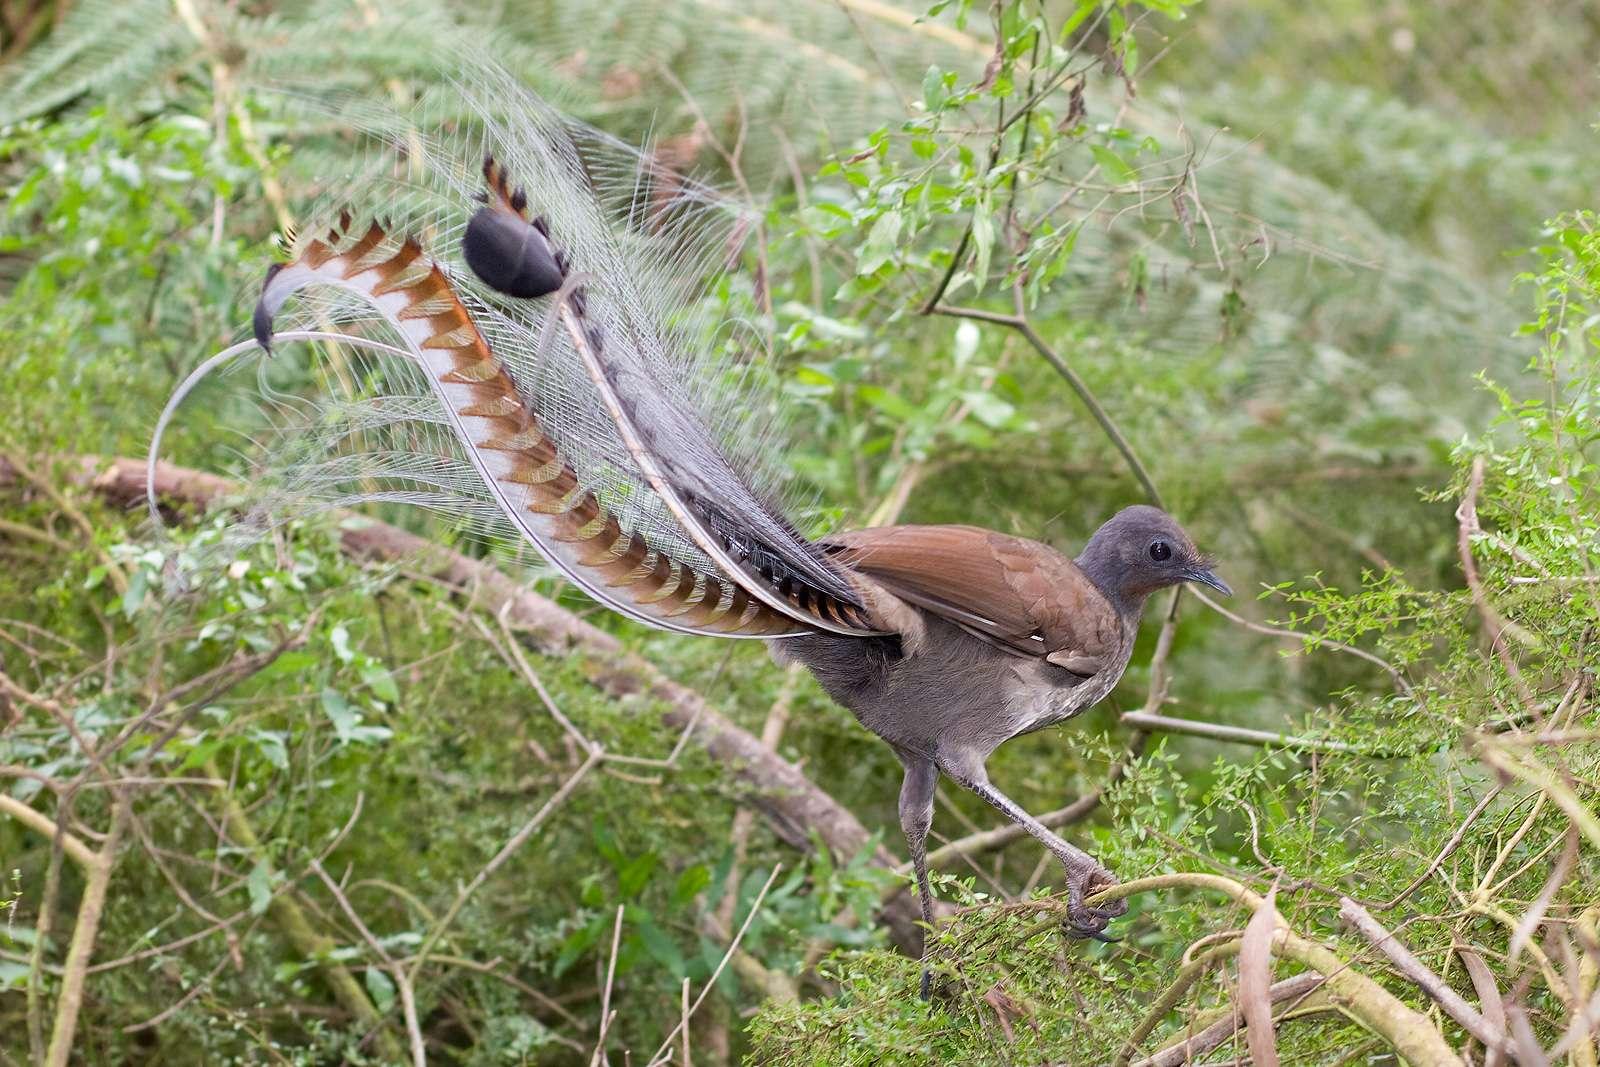 Le ménure superbe est une espèce d'oiseau-lyre mesurant environ un mètre, ce qui fait de lui le plus long de tous les passereaux ! © Fir0002, Wikipédia, GFDL 1.2